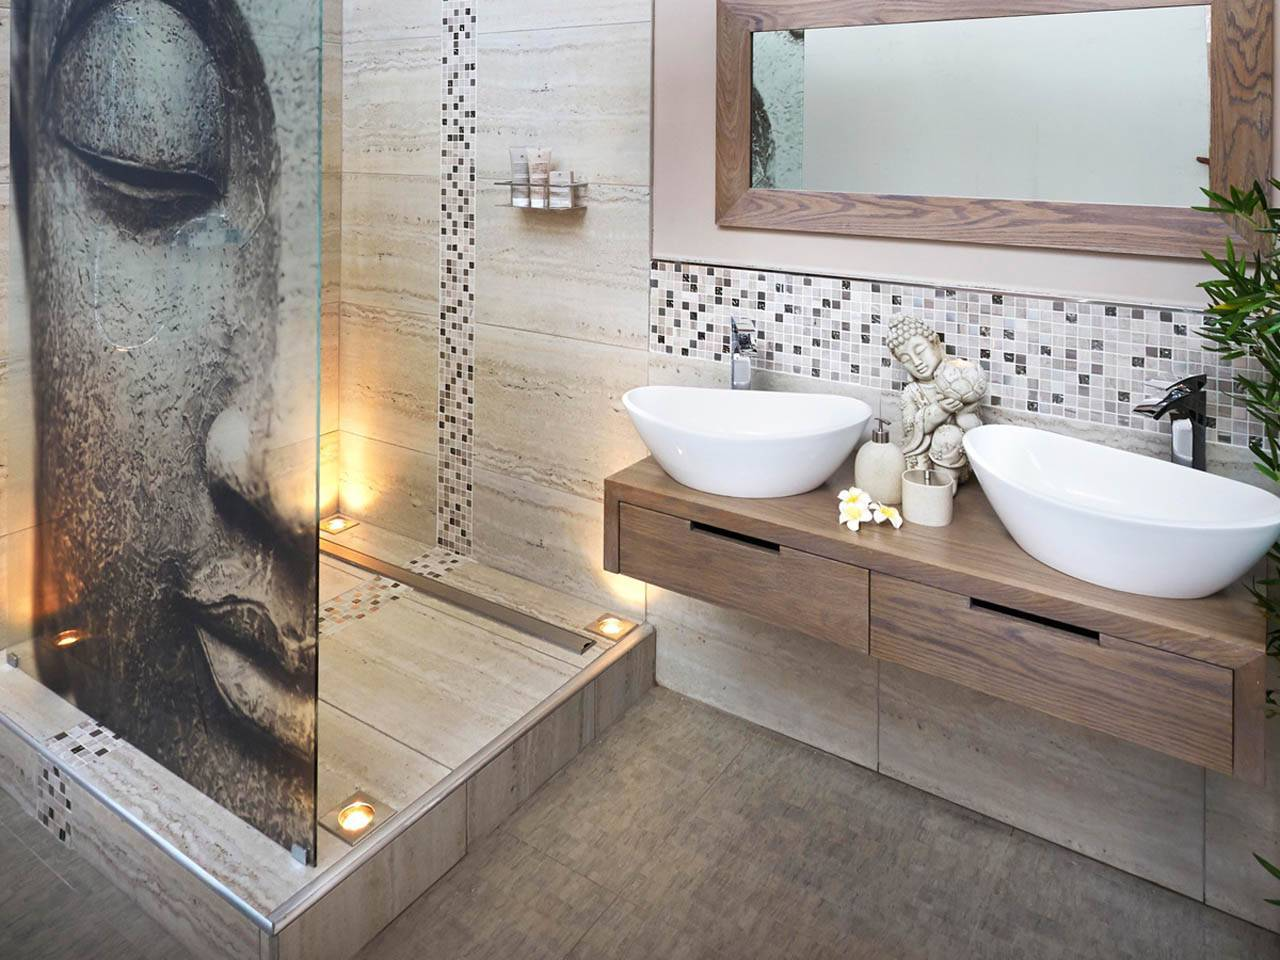 Облицовка ванной комнаты плиткой (59 фото): как облицевать своими руками, видео-инструкция, фото